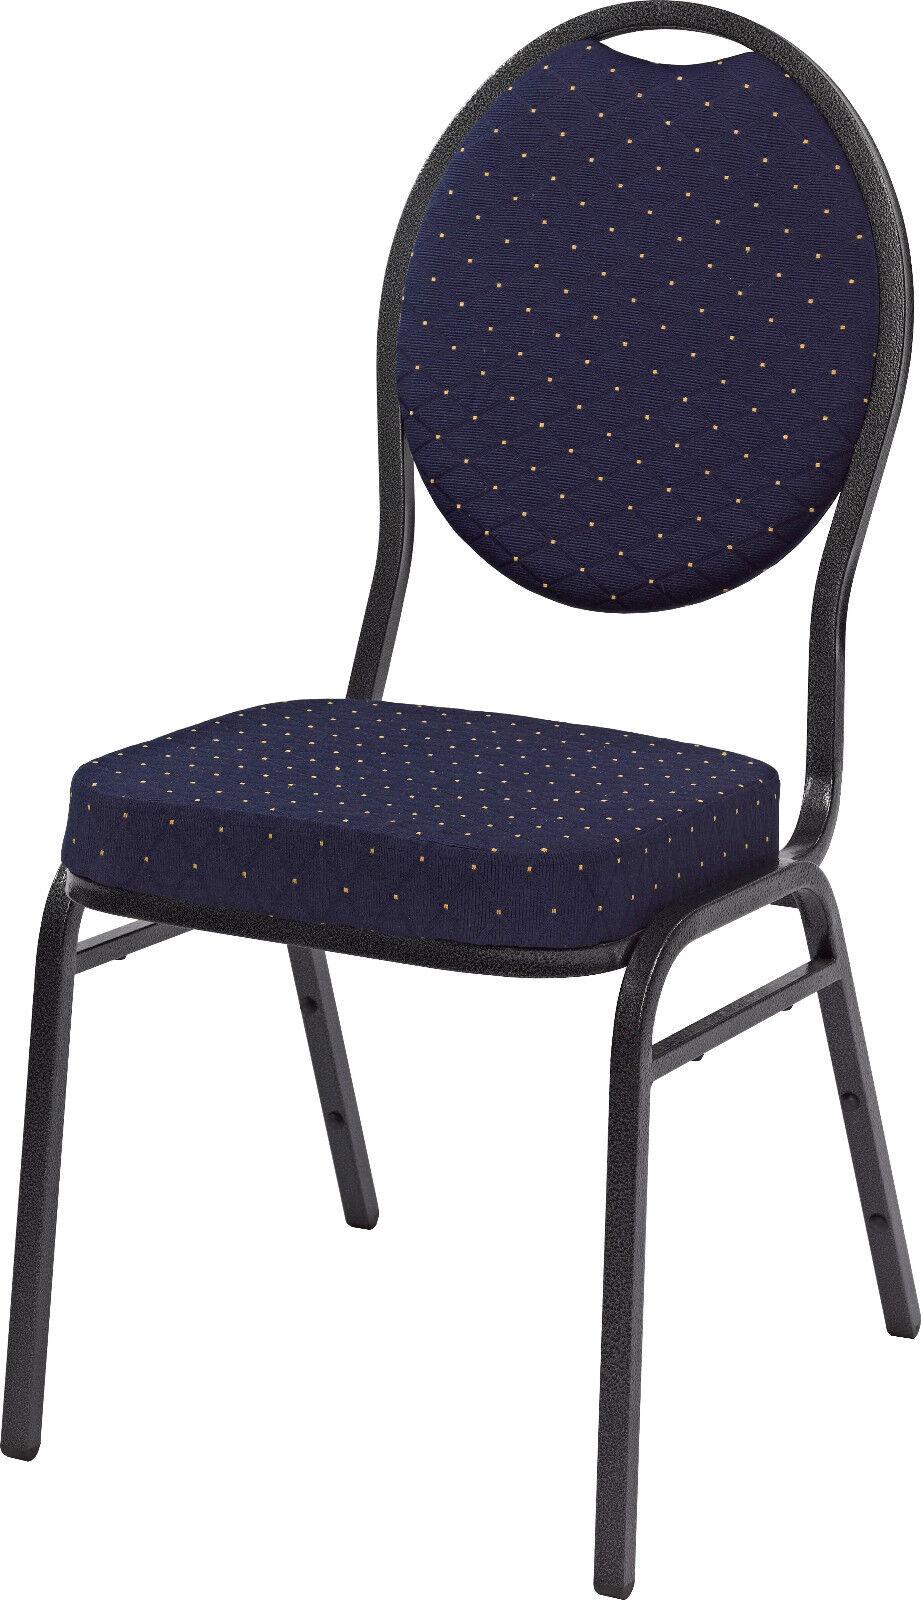 Lobu blau - Saalstuhl Stapelstuhl Stapelstühle Bankettstuhl Seminarstuhl Stuhl